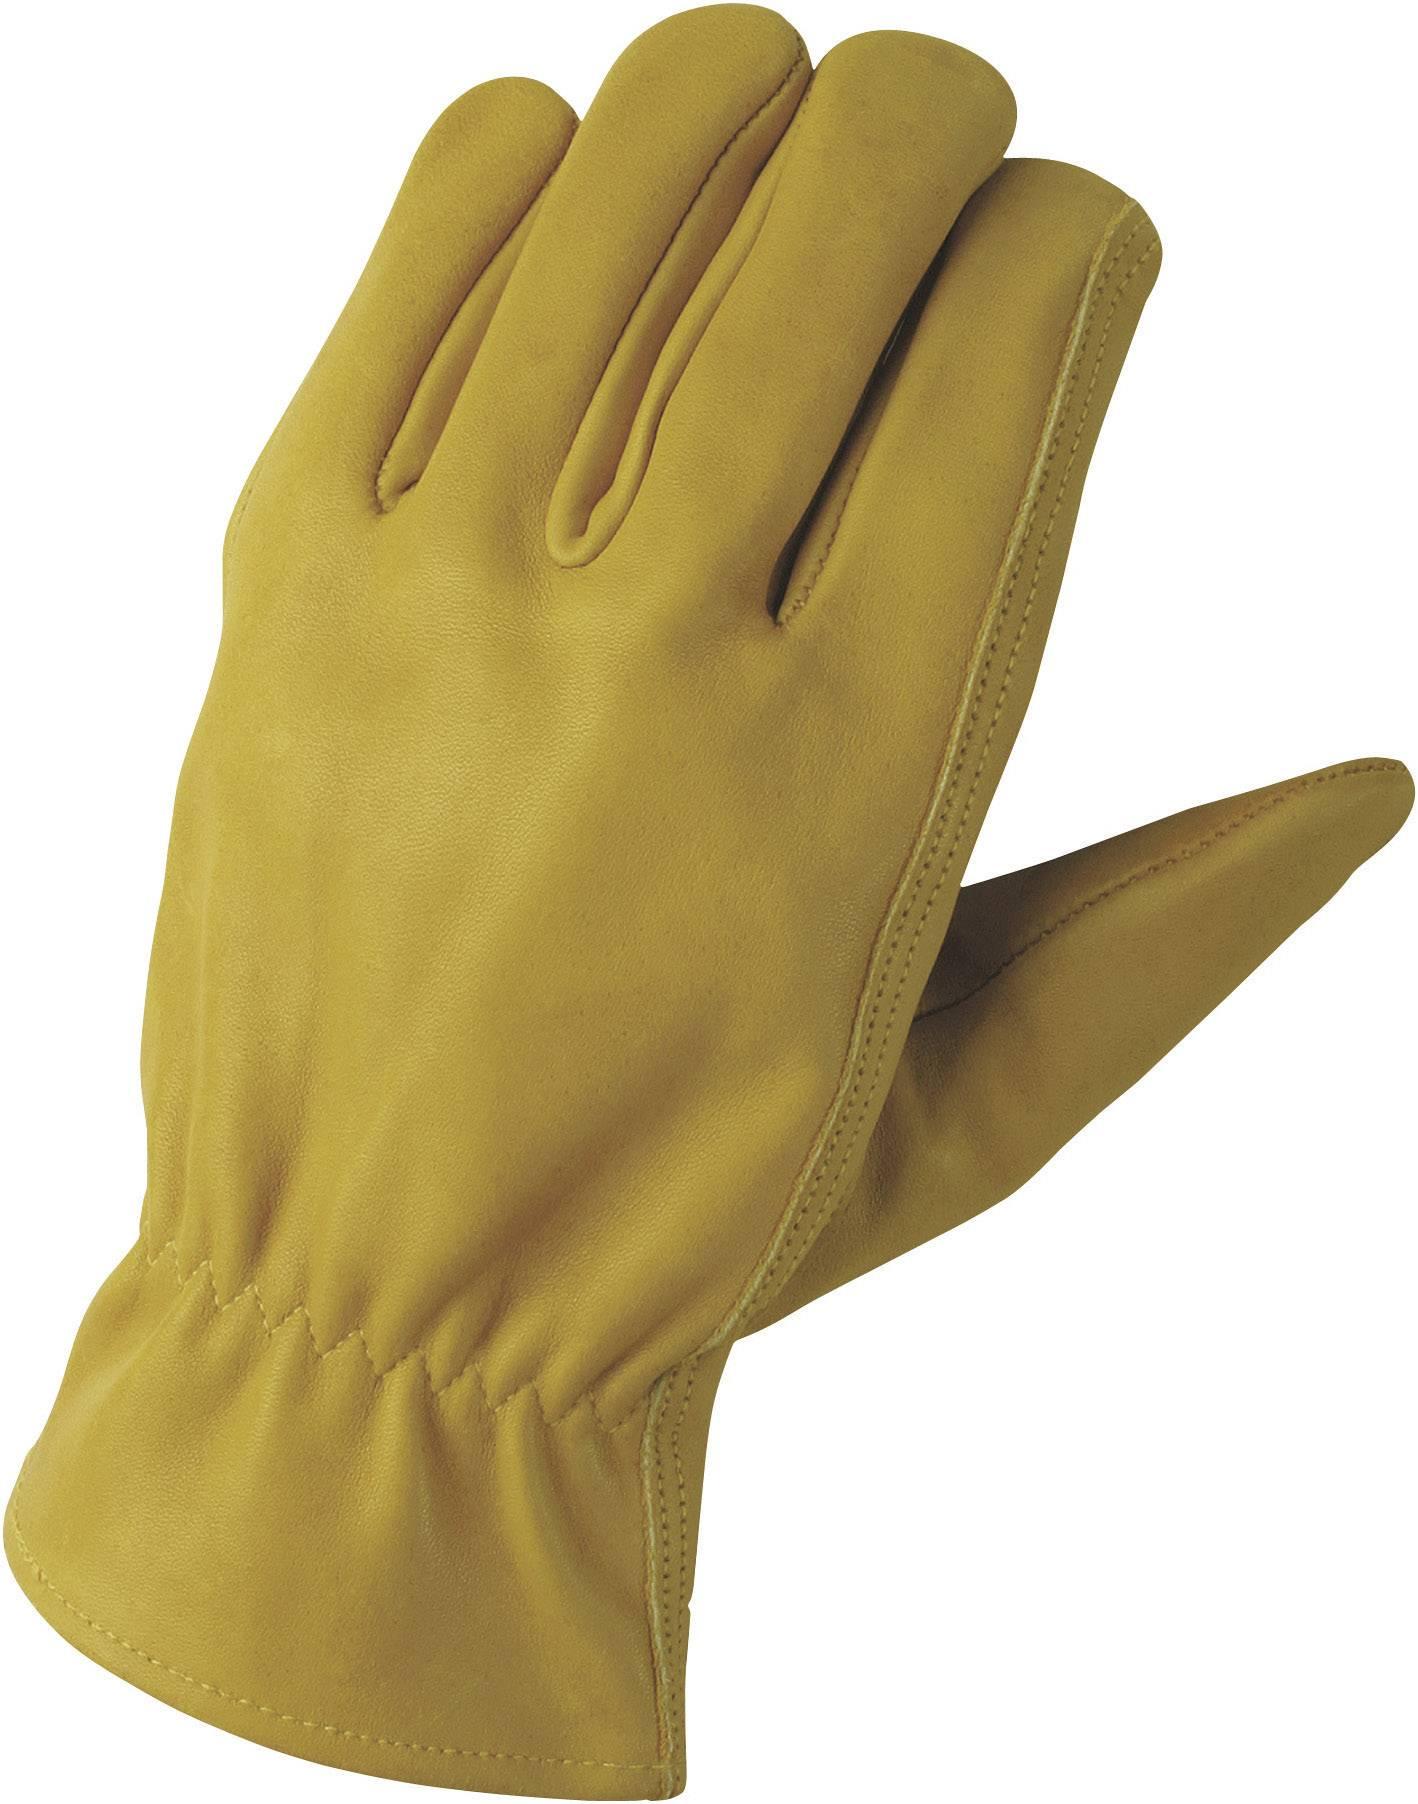 Montážní rukavice FerdyF. CONDUCTOR 1610, Lícová přírodní useň, velikost rukavic: 7, S